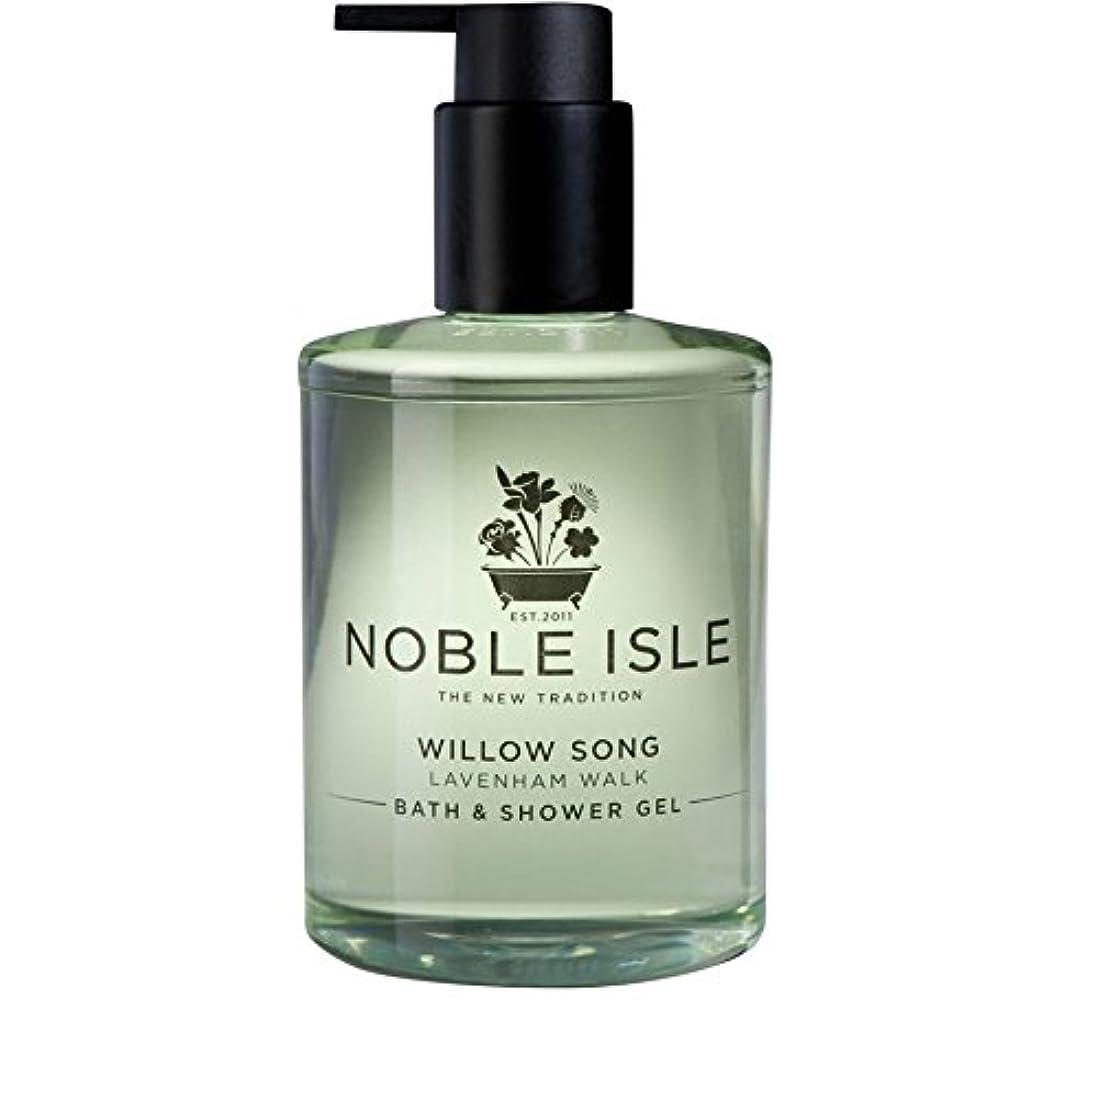 店主楕円形略語Noble Isle Willow Song Lavenham Walk Bath and Shower Gel 250ml - 高貴な島柳の歌ラヴァンハム徒歩風呂とシャワージェル250ミリリットル [並行輸入品]